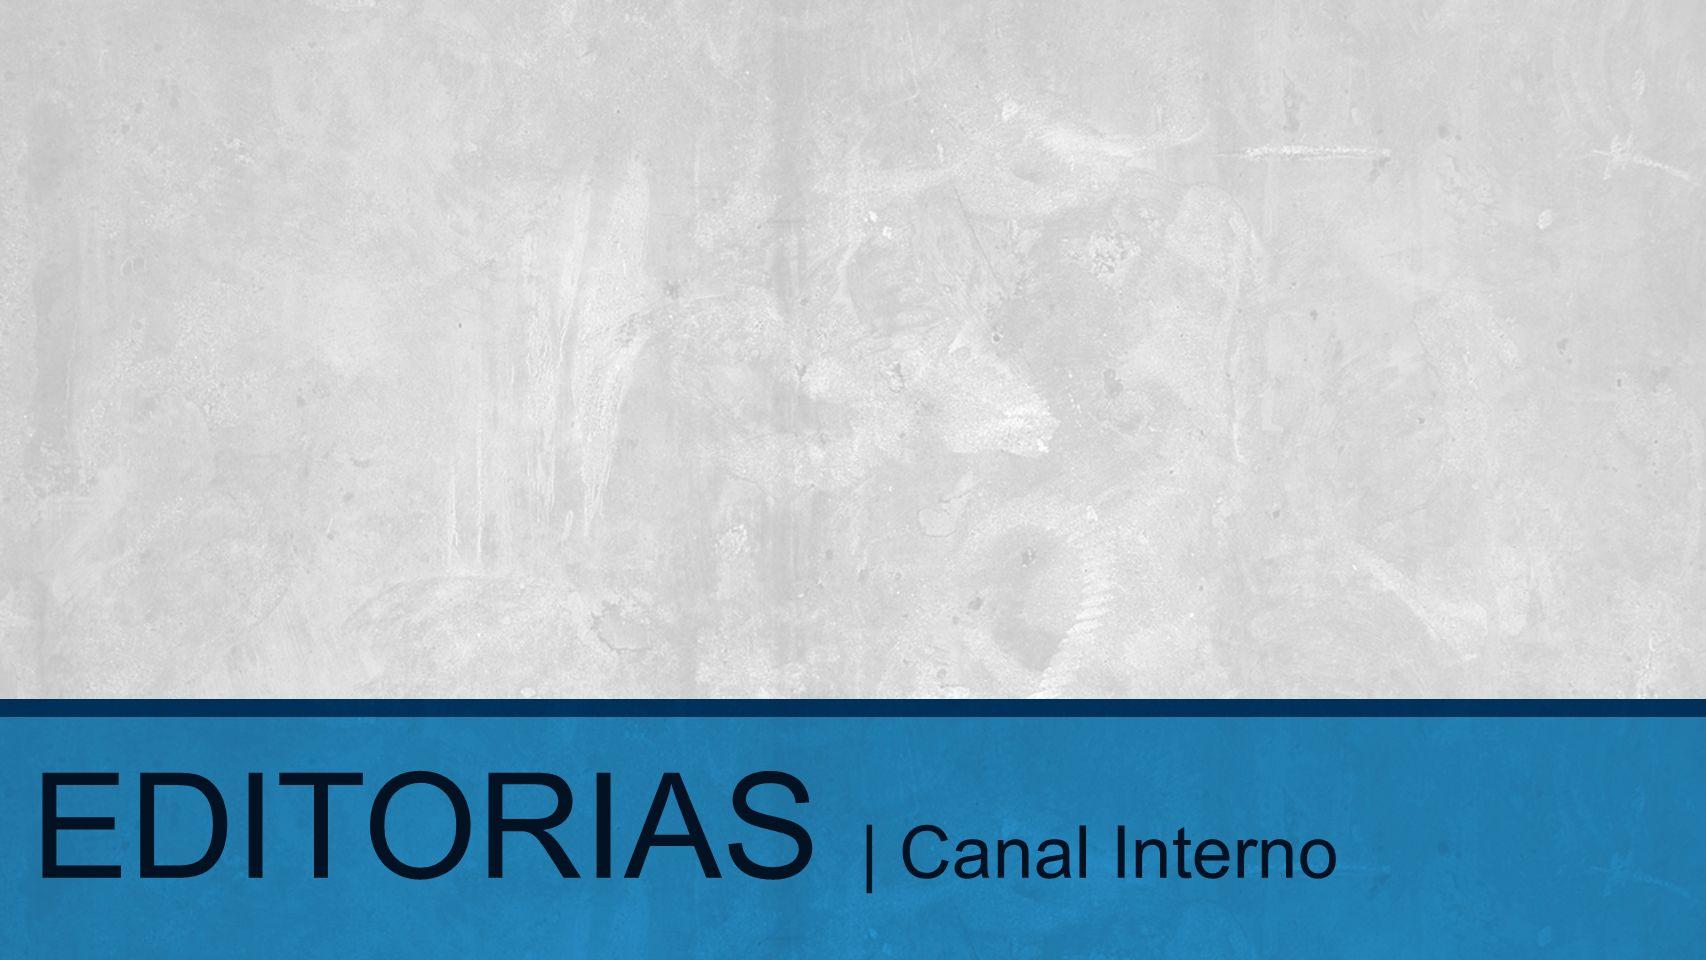 EDITORIAS | Canal Interno